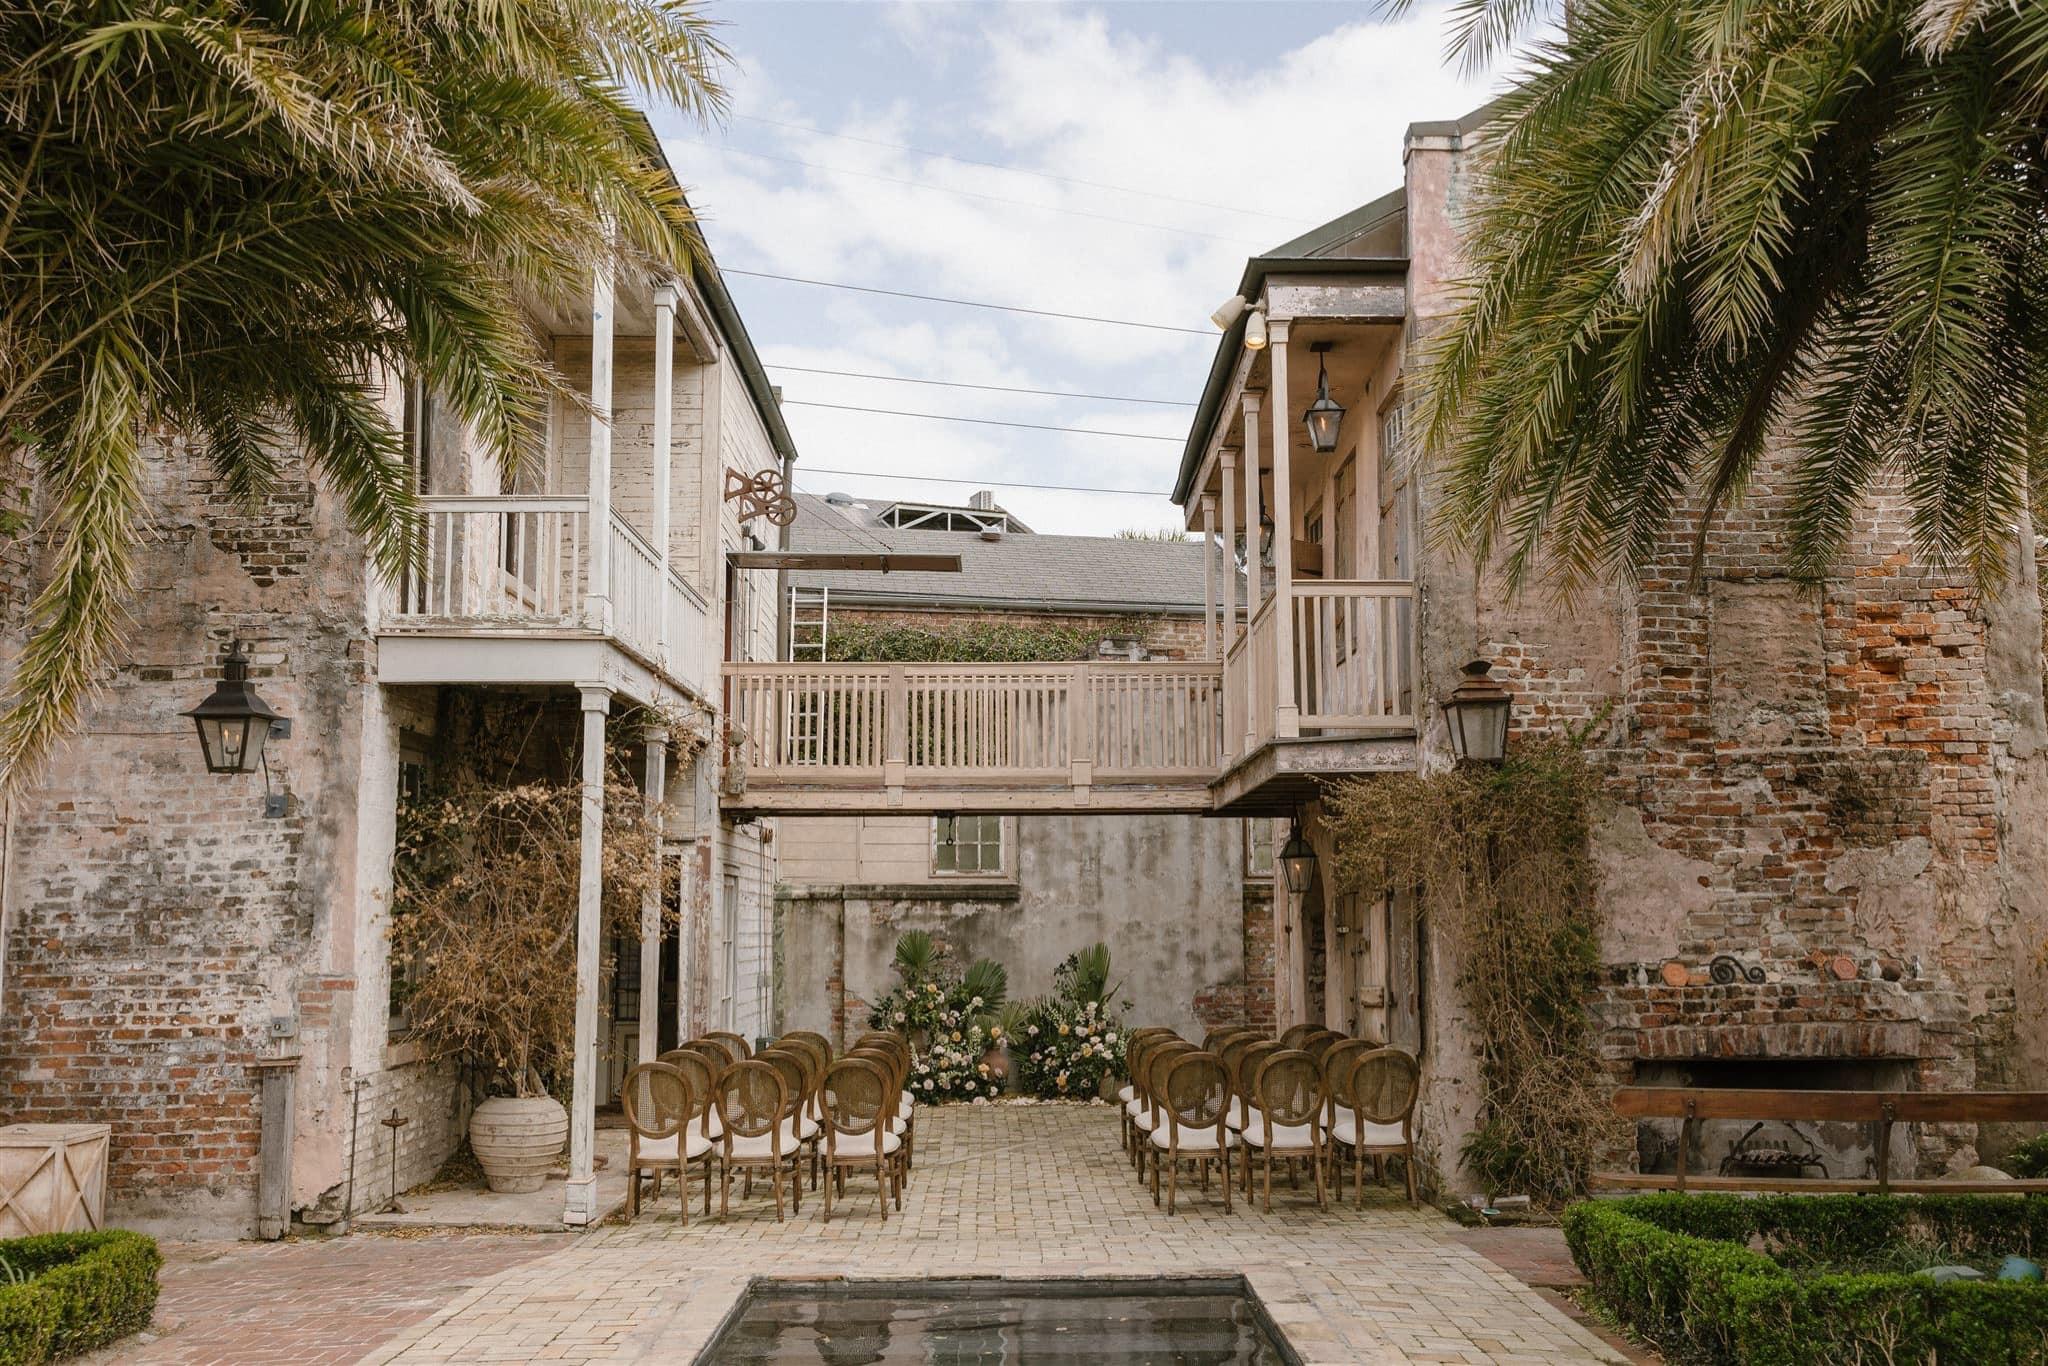 Outdoor New Orleans Wedding Venue